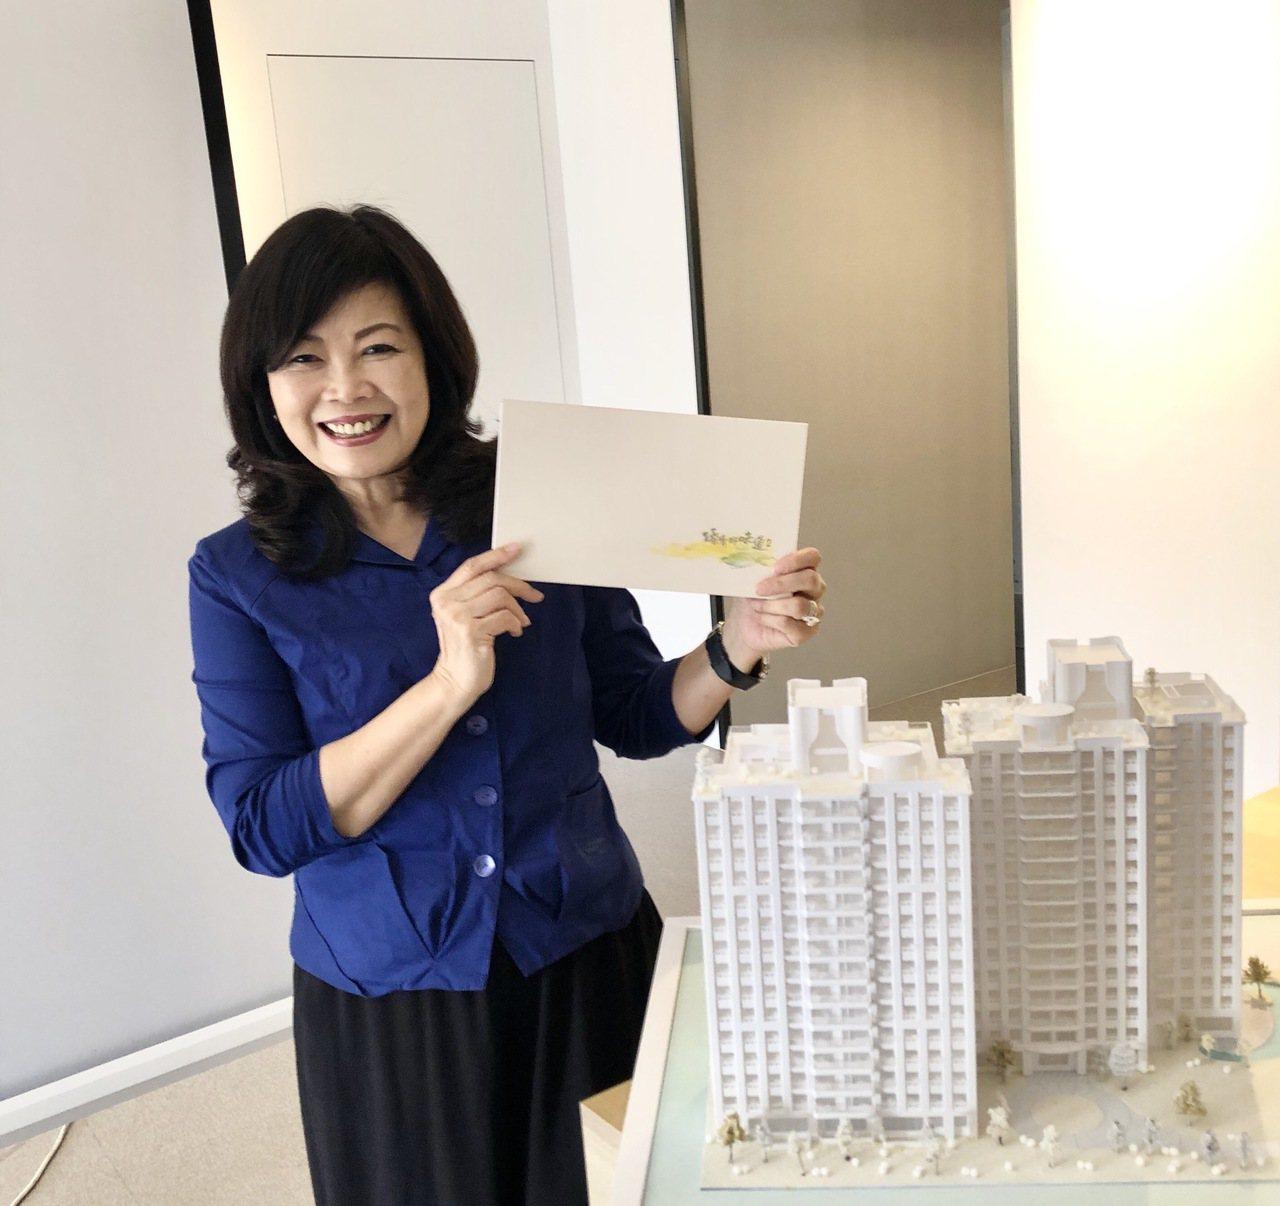 龍寶建設董事長張麗莉表示,龍寶在烏日高鐵站特區推出的「園臻邸」,訴求共生、共學、...